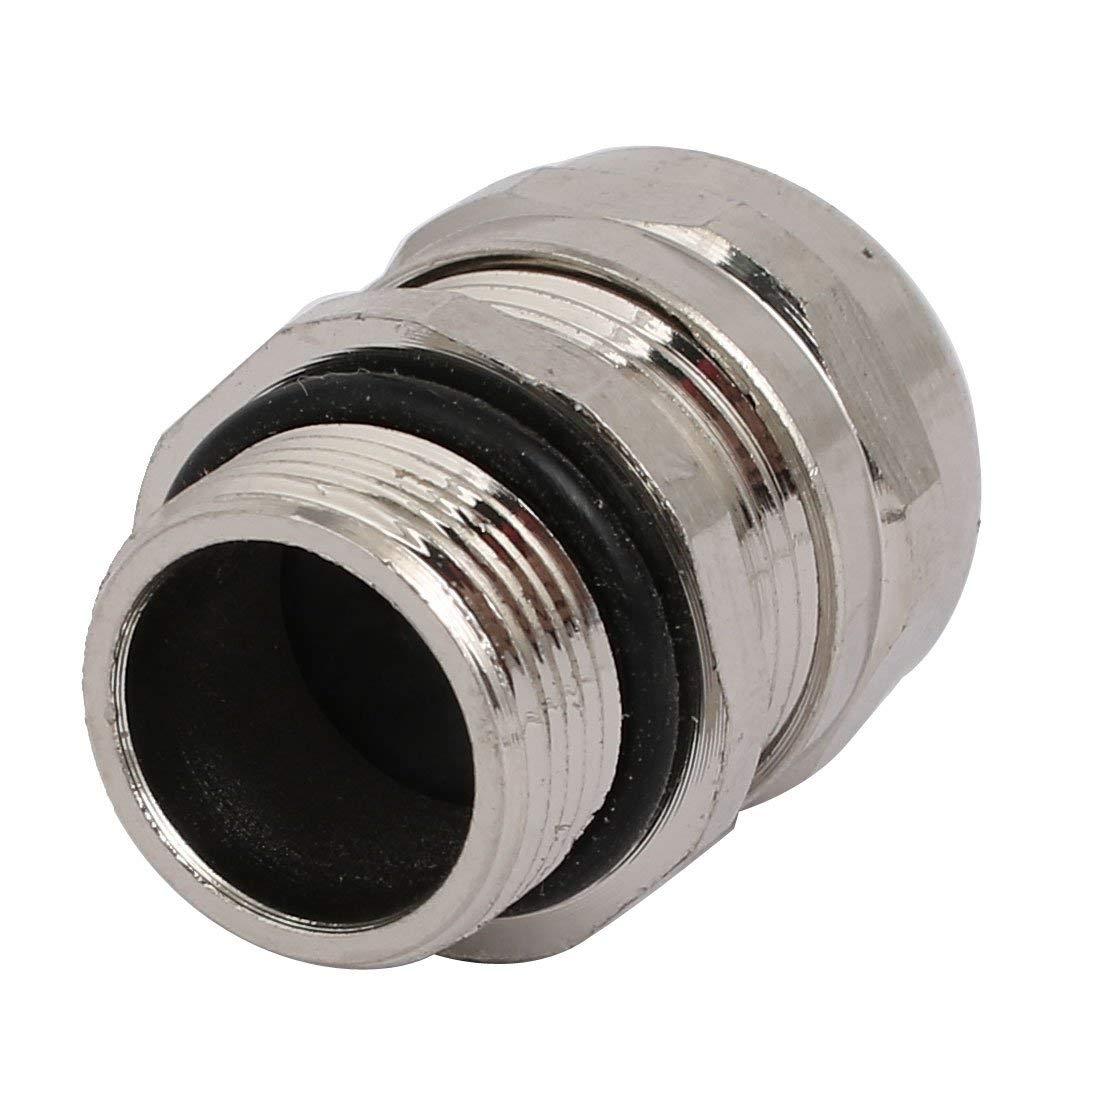 5//8-inch Fil 3mm Dia 2 Trou M/étal Presse-/étoupe Joint Ton Argent